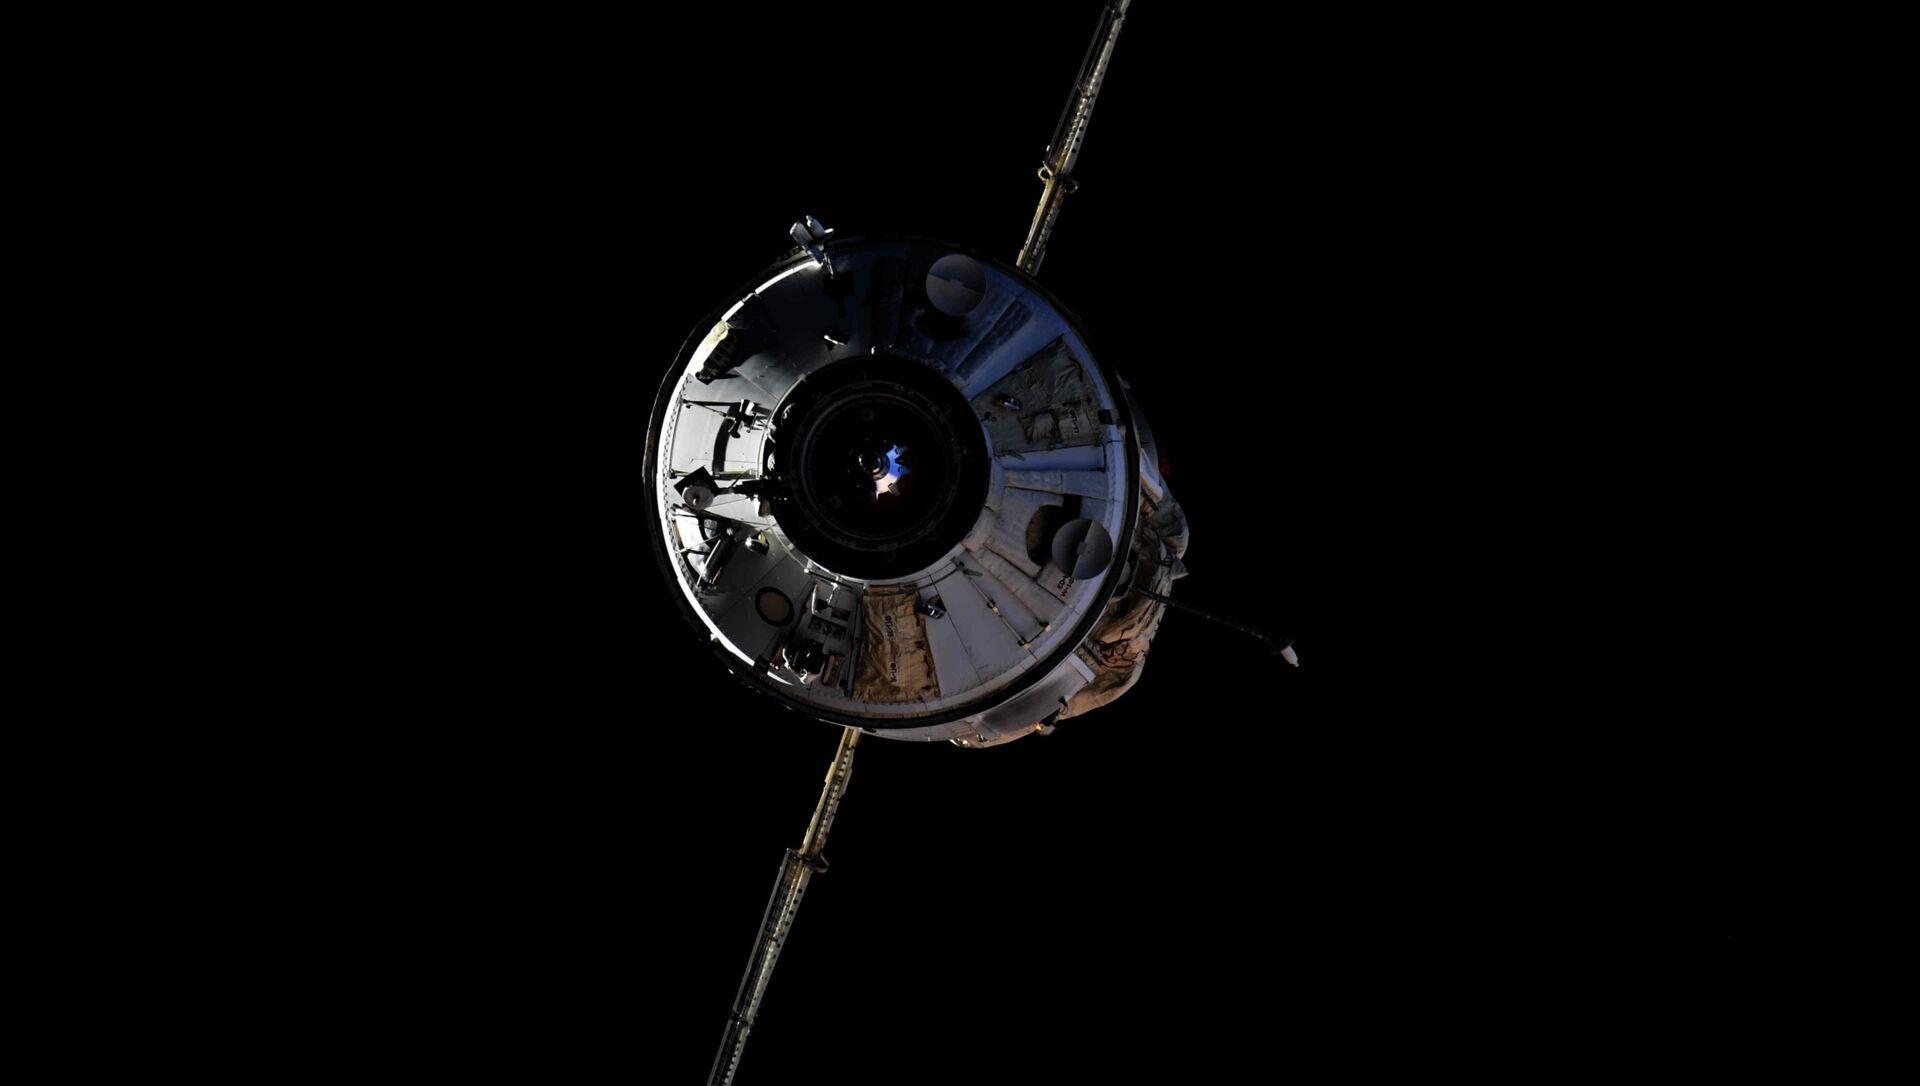 Le module scientifique russe Nauka s'arrime à l'ISS, le 29 juillet 2021 - Sputnik France, 1920, 29.07.2021